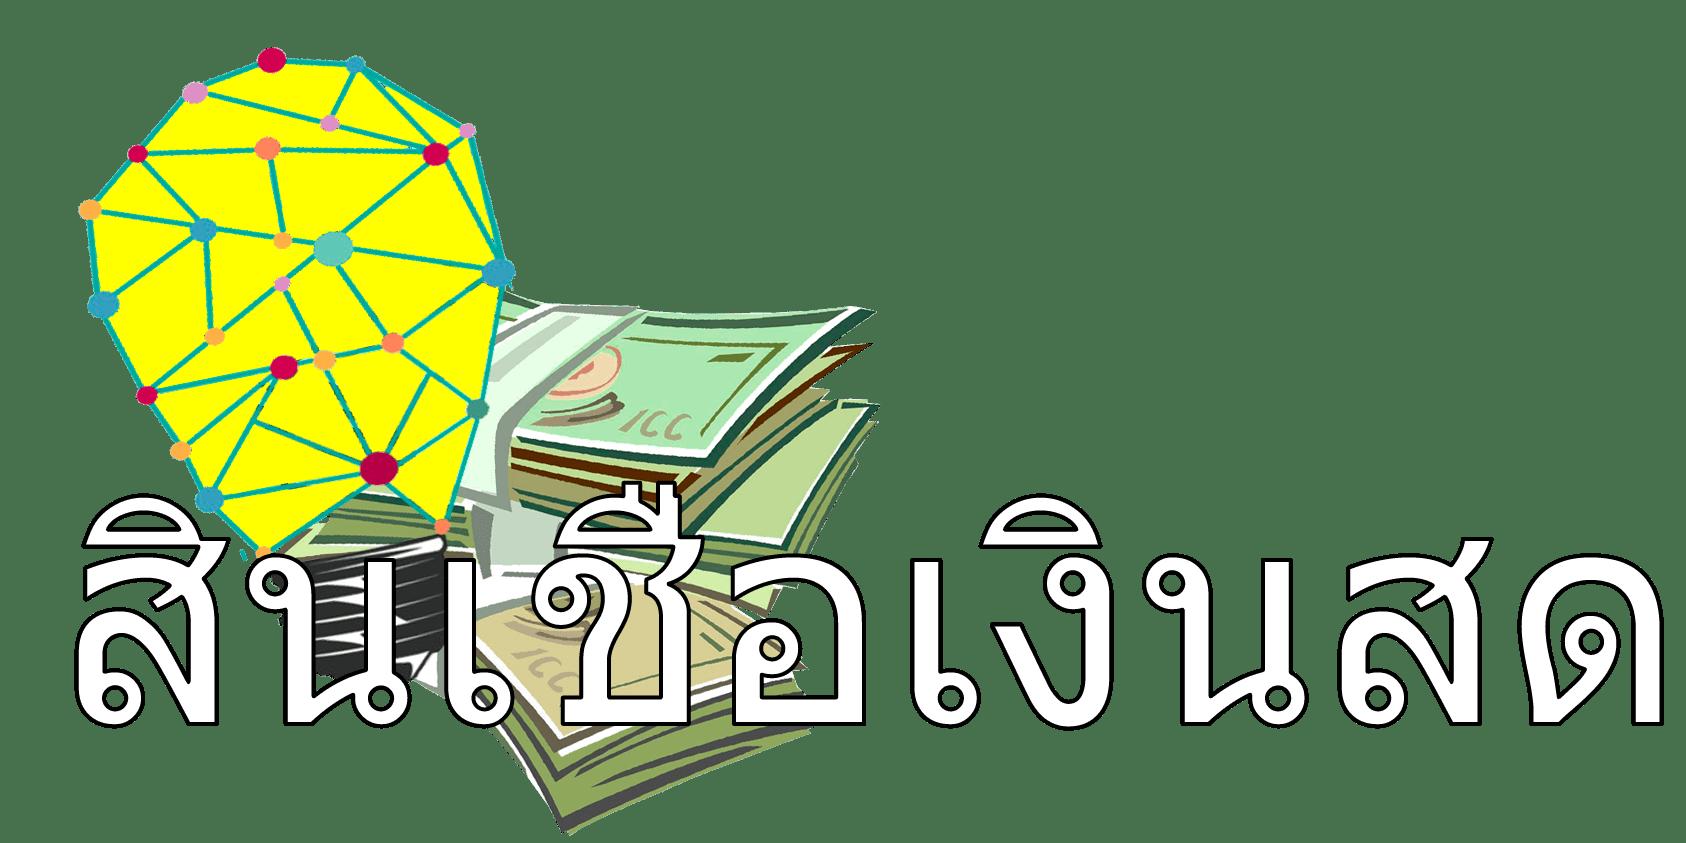 วิธีรับเงินกู้ด่วนมาก: เงินนอกระบบได้จริงใน2564และบัตรกดเงินสดไม่มีสลิปเงินเดือน